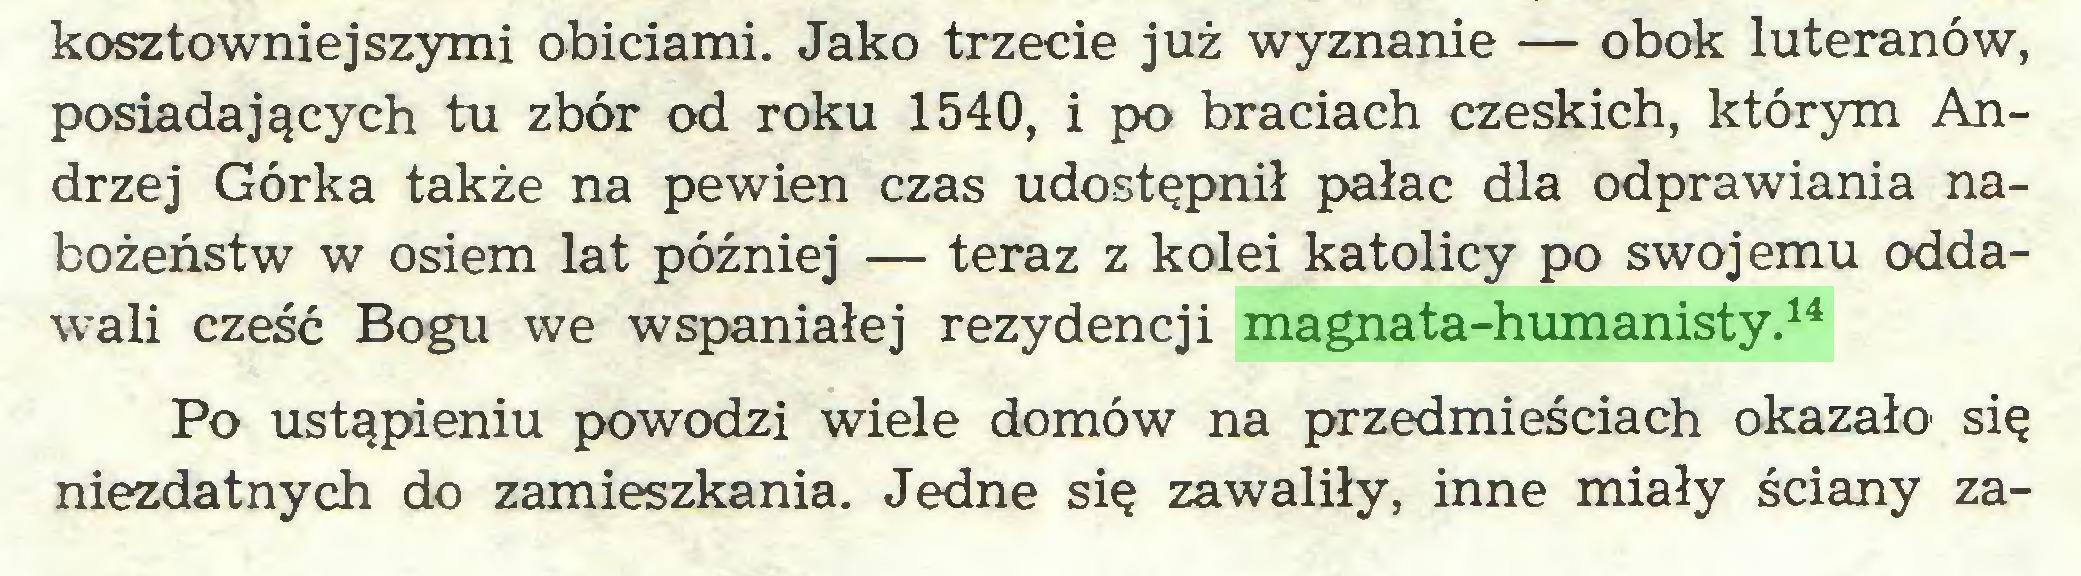 (...) kosztowniejszymi obiciami. Jako trzecie już wyznanie — obok luteranów, posiadających tu zbór od roku 1540, i po braciach czeskich, którym Andrzej Górka także na pewien czas udostępnił pałac dla odprawiania nabożeństw w osiem lat później — teraz z kolei katolicy po swojemu oddawali cześć Bogu we wspaniałej rezydencji magnata-humanisty.14 Po ustąpieniu powodzi wiele domów na przedmieściach okazało się niezdatnych do zamieszkania. Jedne się zawaliły, inne miały ściany za...